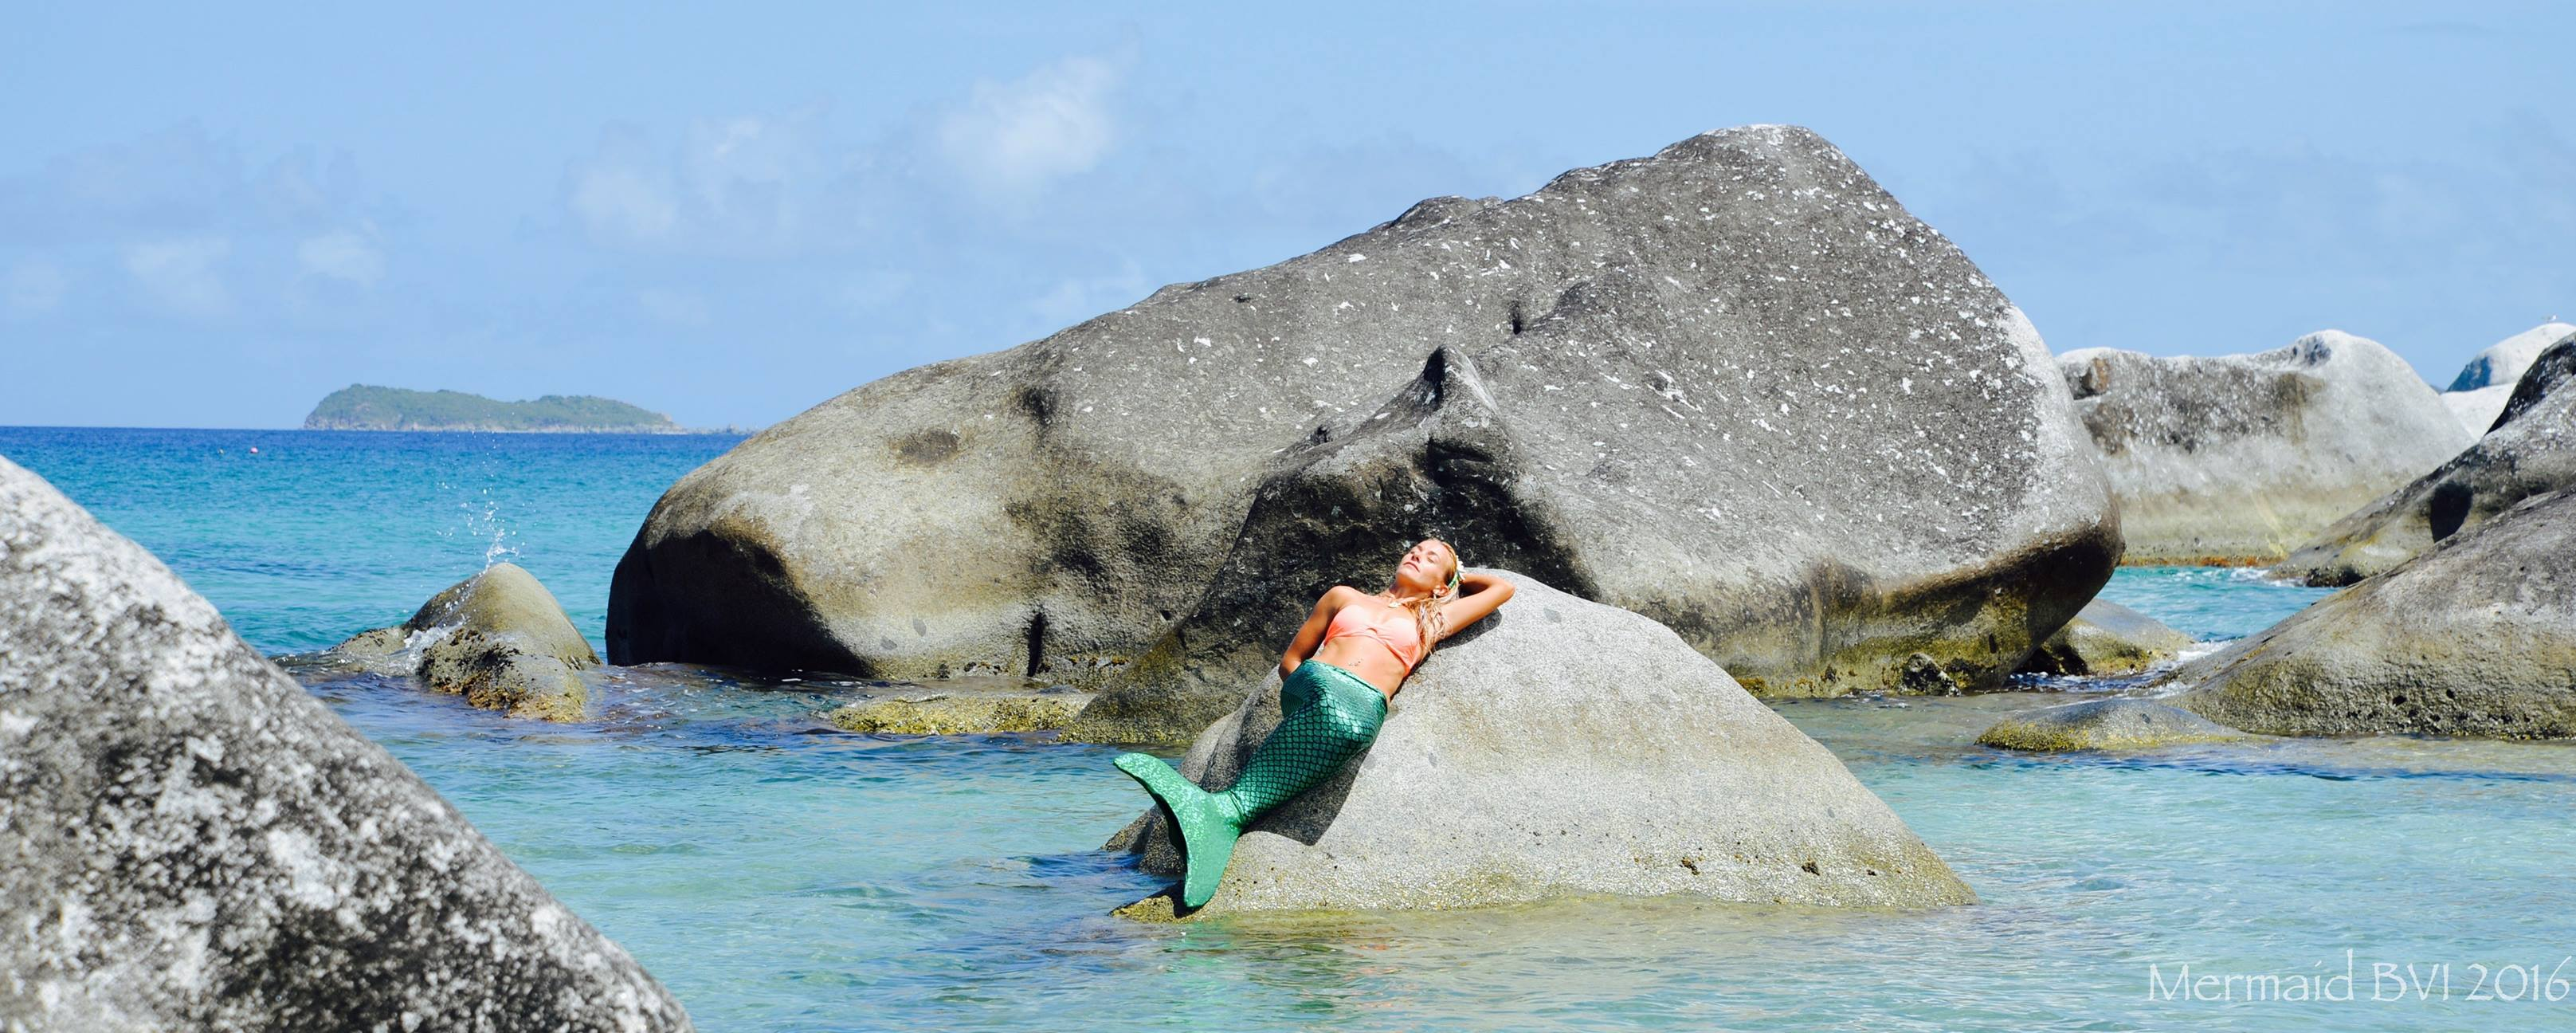 Mermaid warming up in BVI